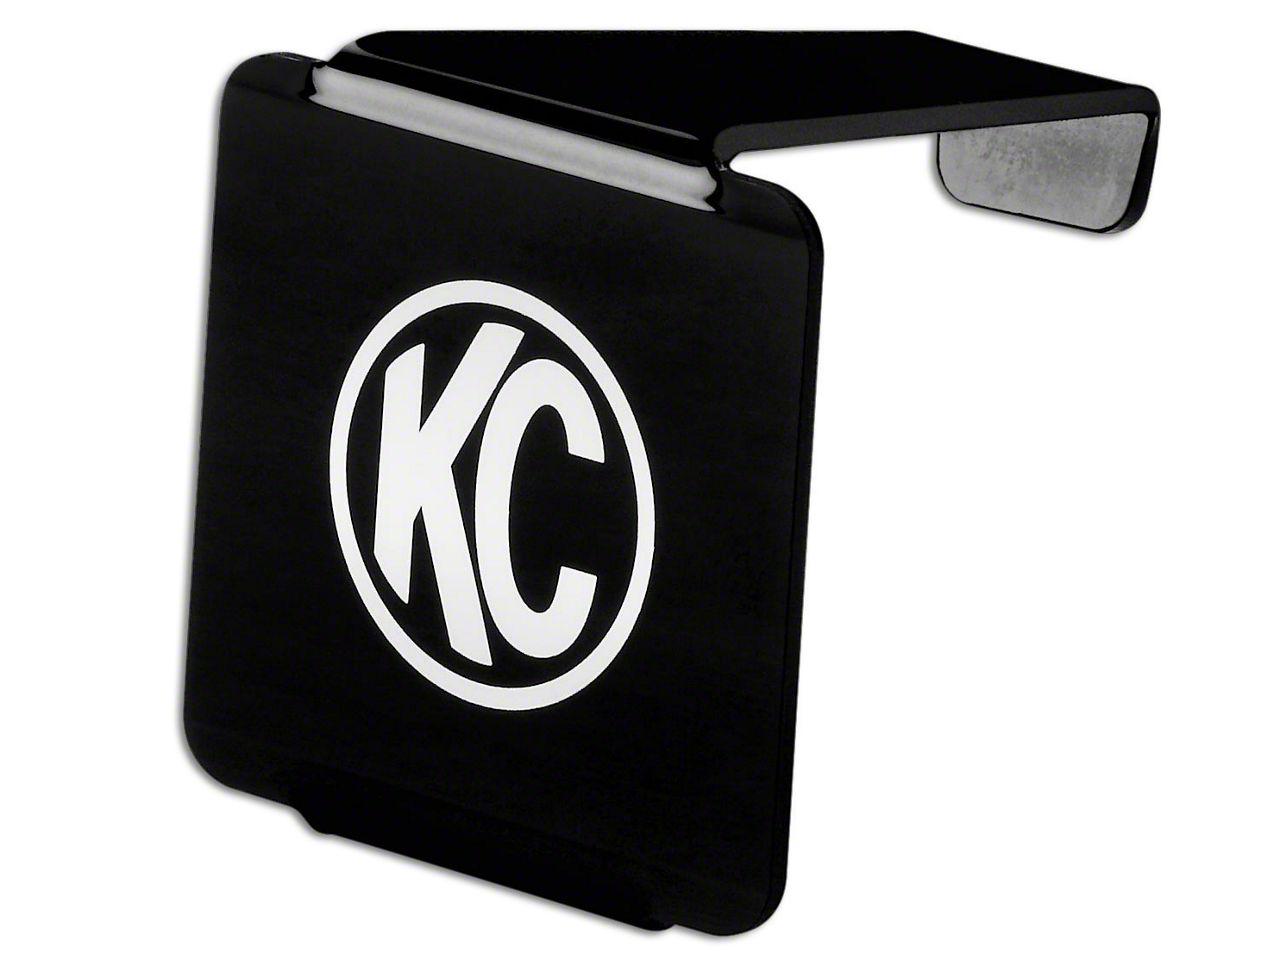 KC HiLiTES Hard Cover for 3 in. LZR Cube Light - Black (07-18 Sierra 1500)